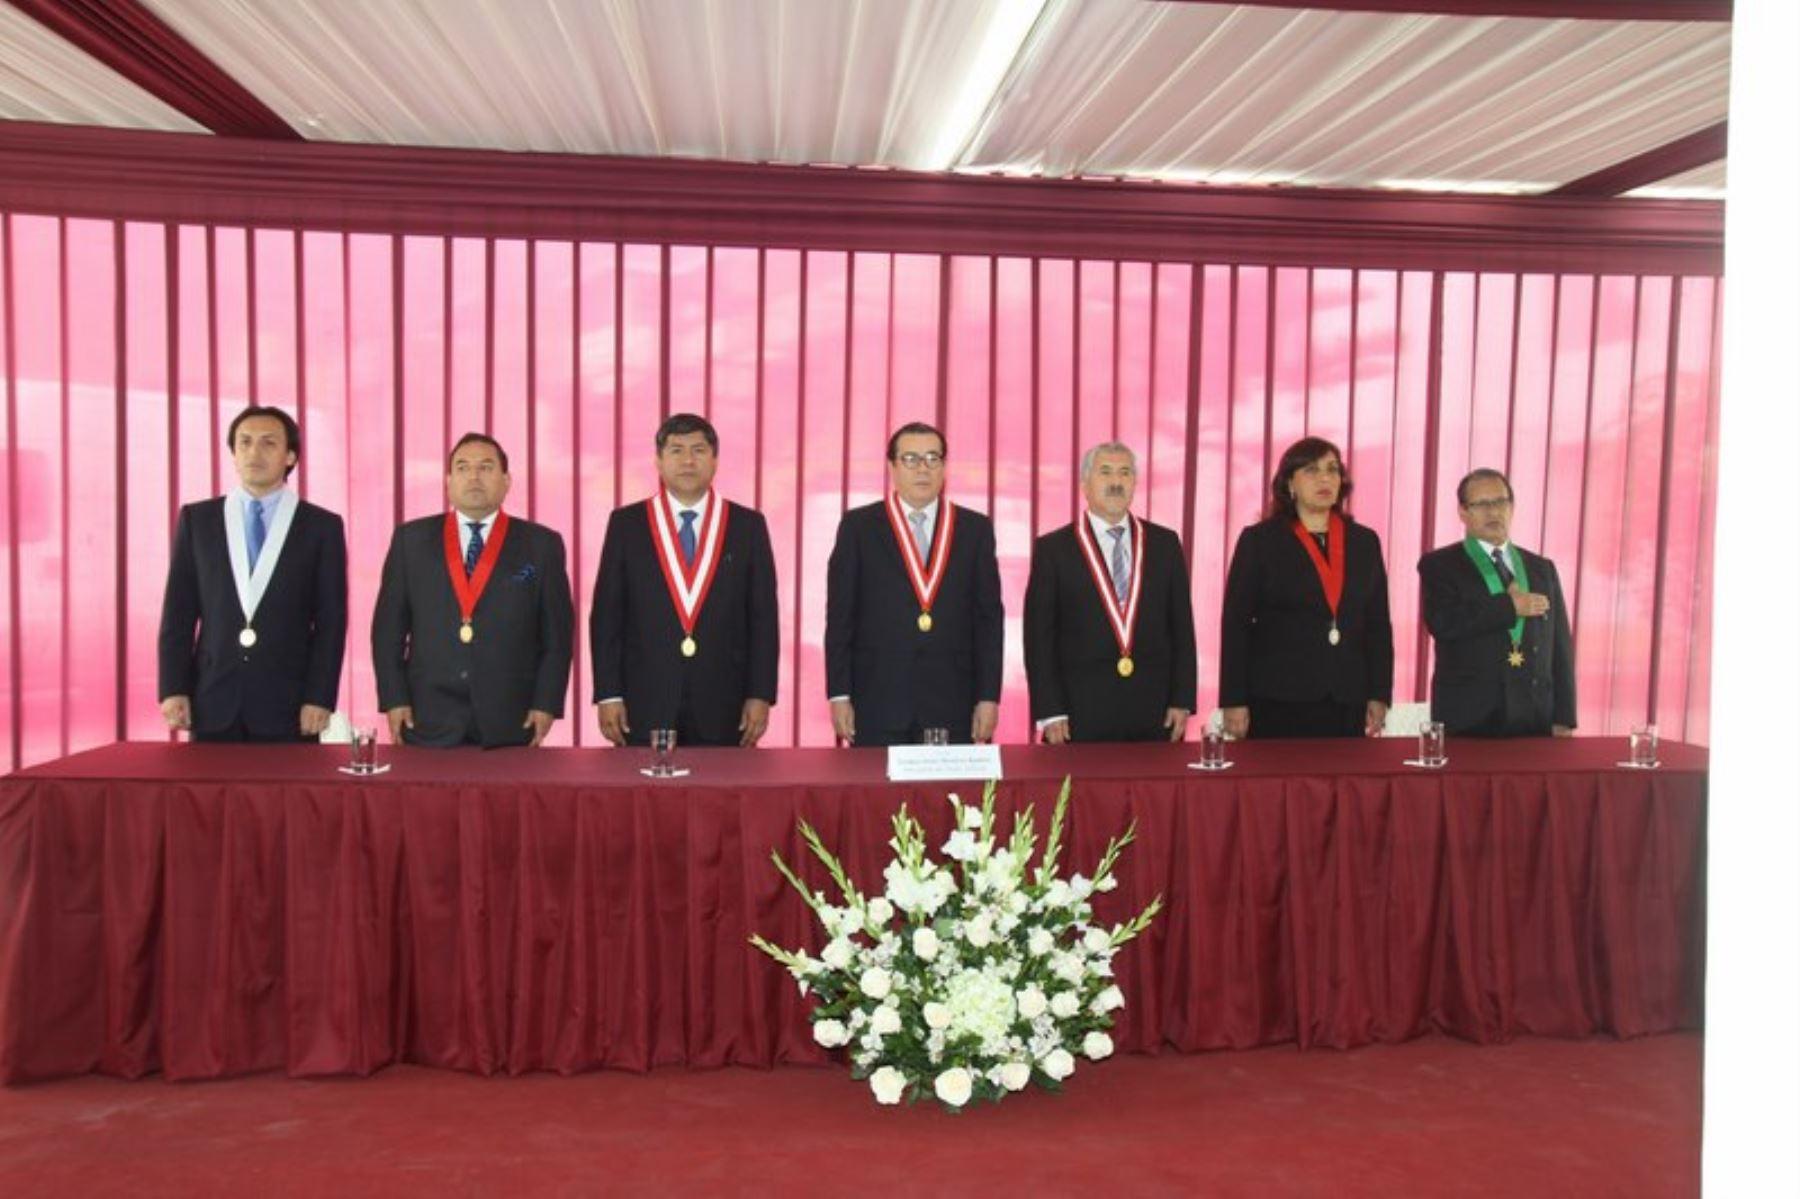 Ceremonia de puesta en funcionamiento de Corte Superior de Justicia de Ventanilla-Lima Noroeste, la segunda sede judicial modelo del país.